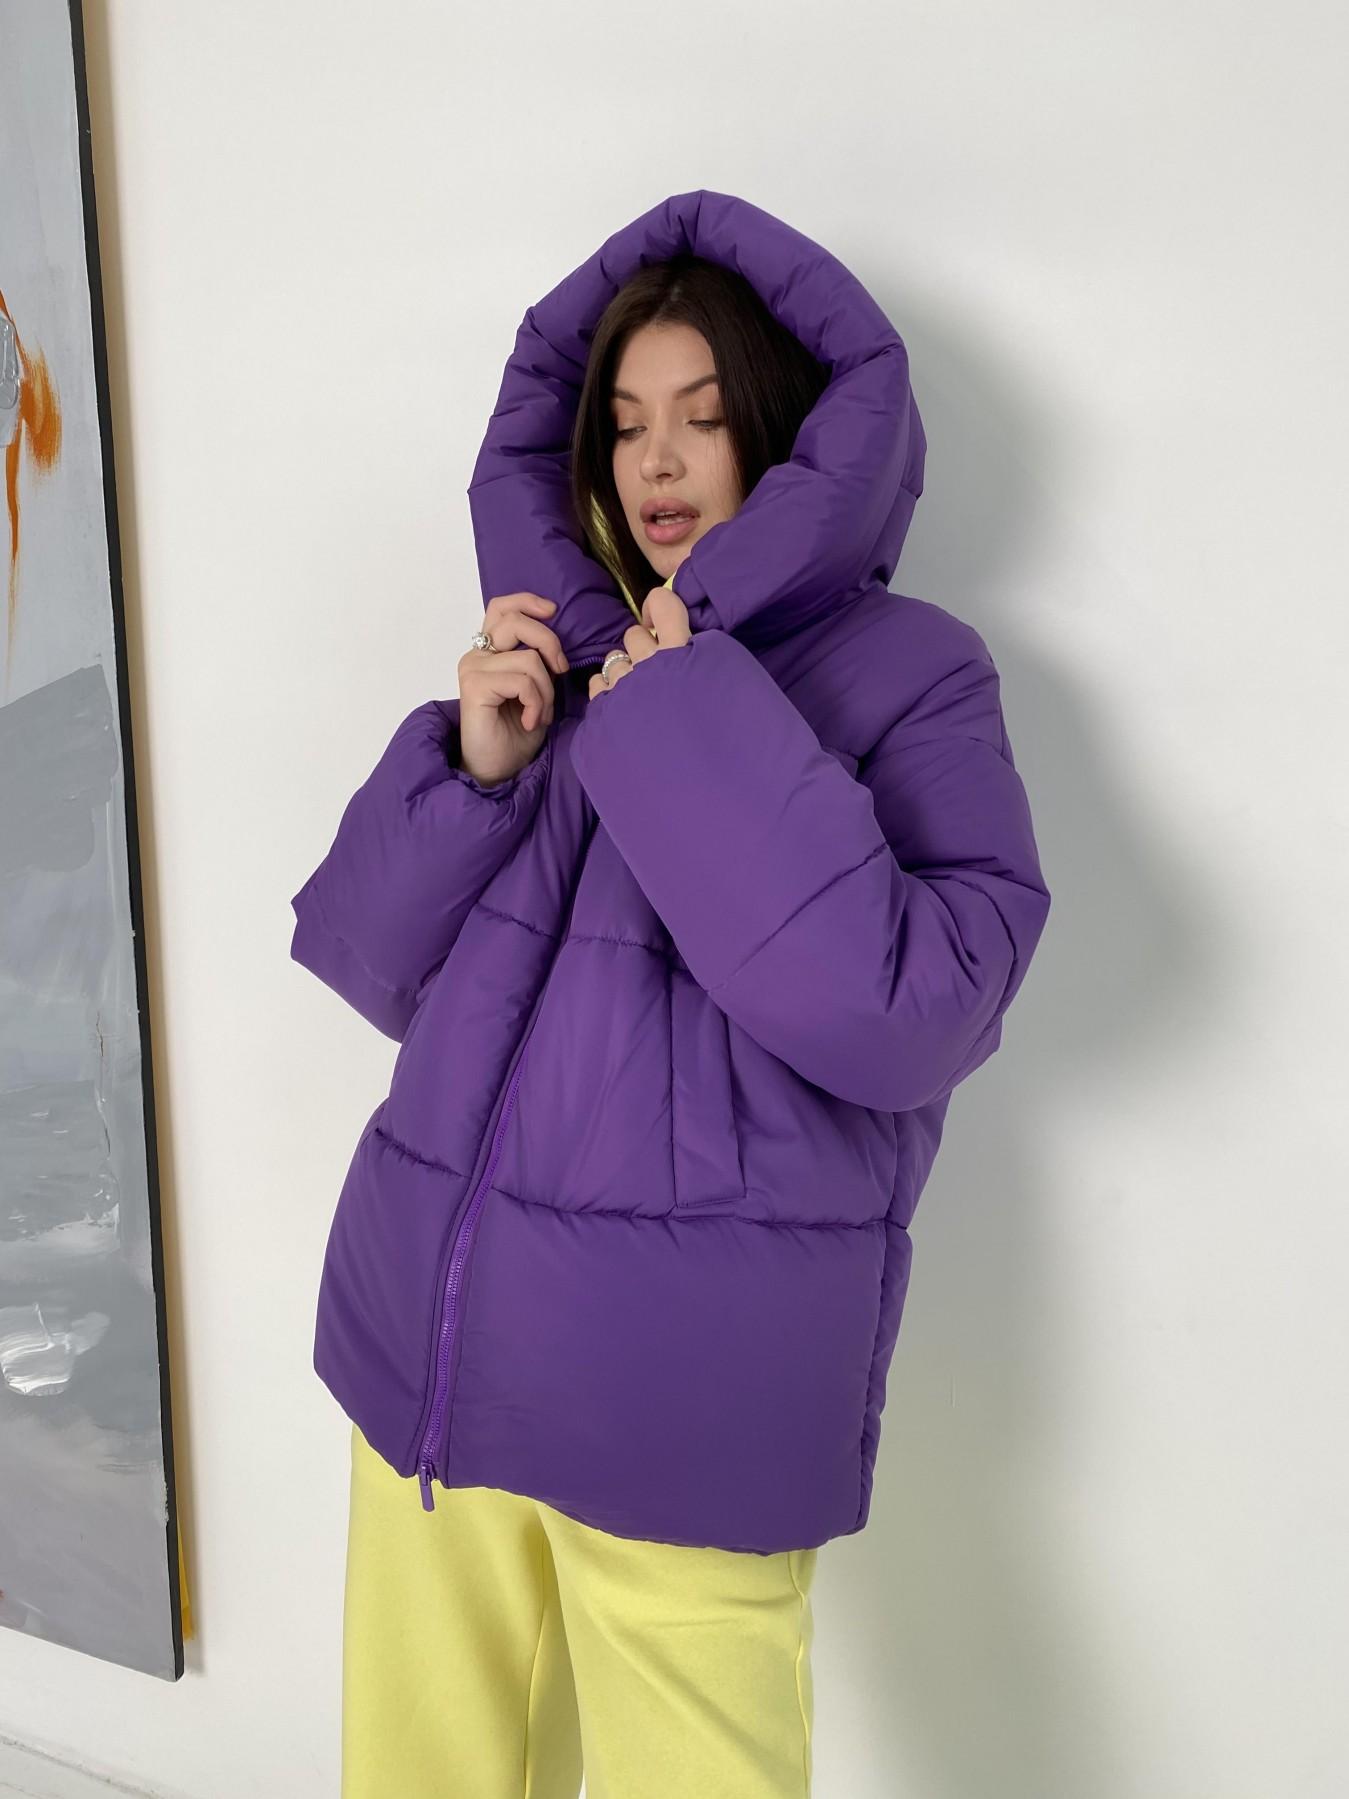 Овертайм  теплый пуховик из плащевой ткани 10243 АРТ. 47045 Цвет: Сиреневый 861 - фото 8, интернет магазин tm-modus.ru